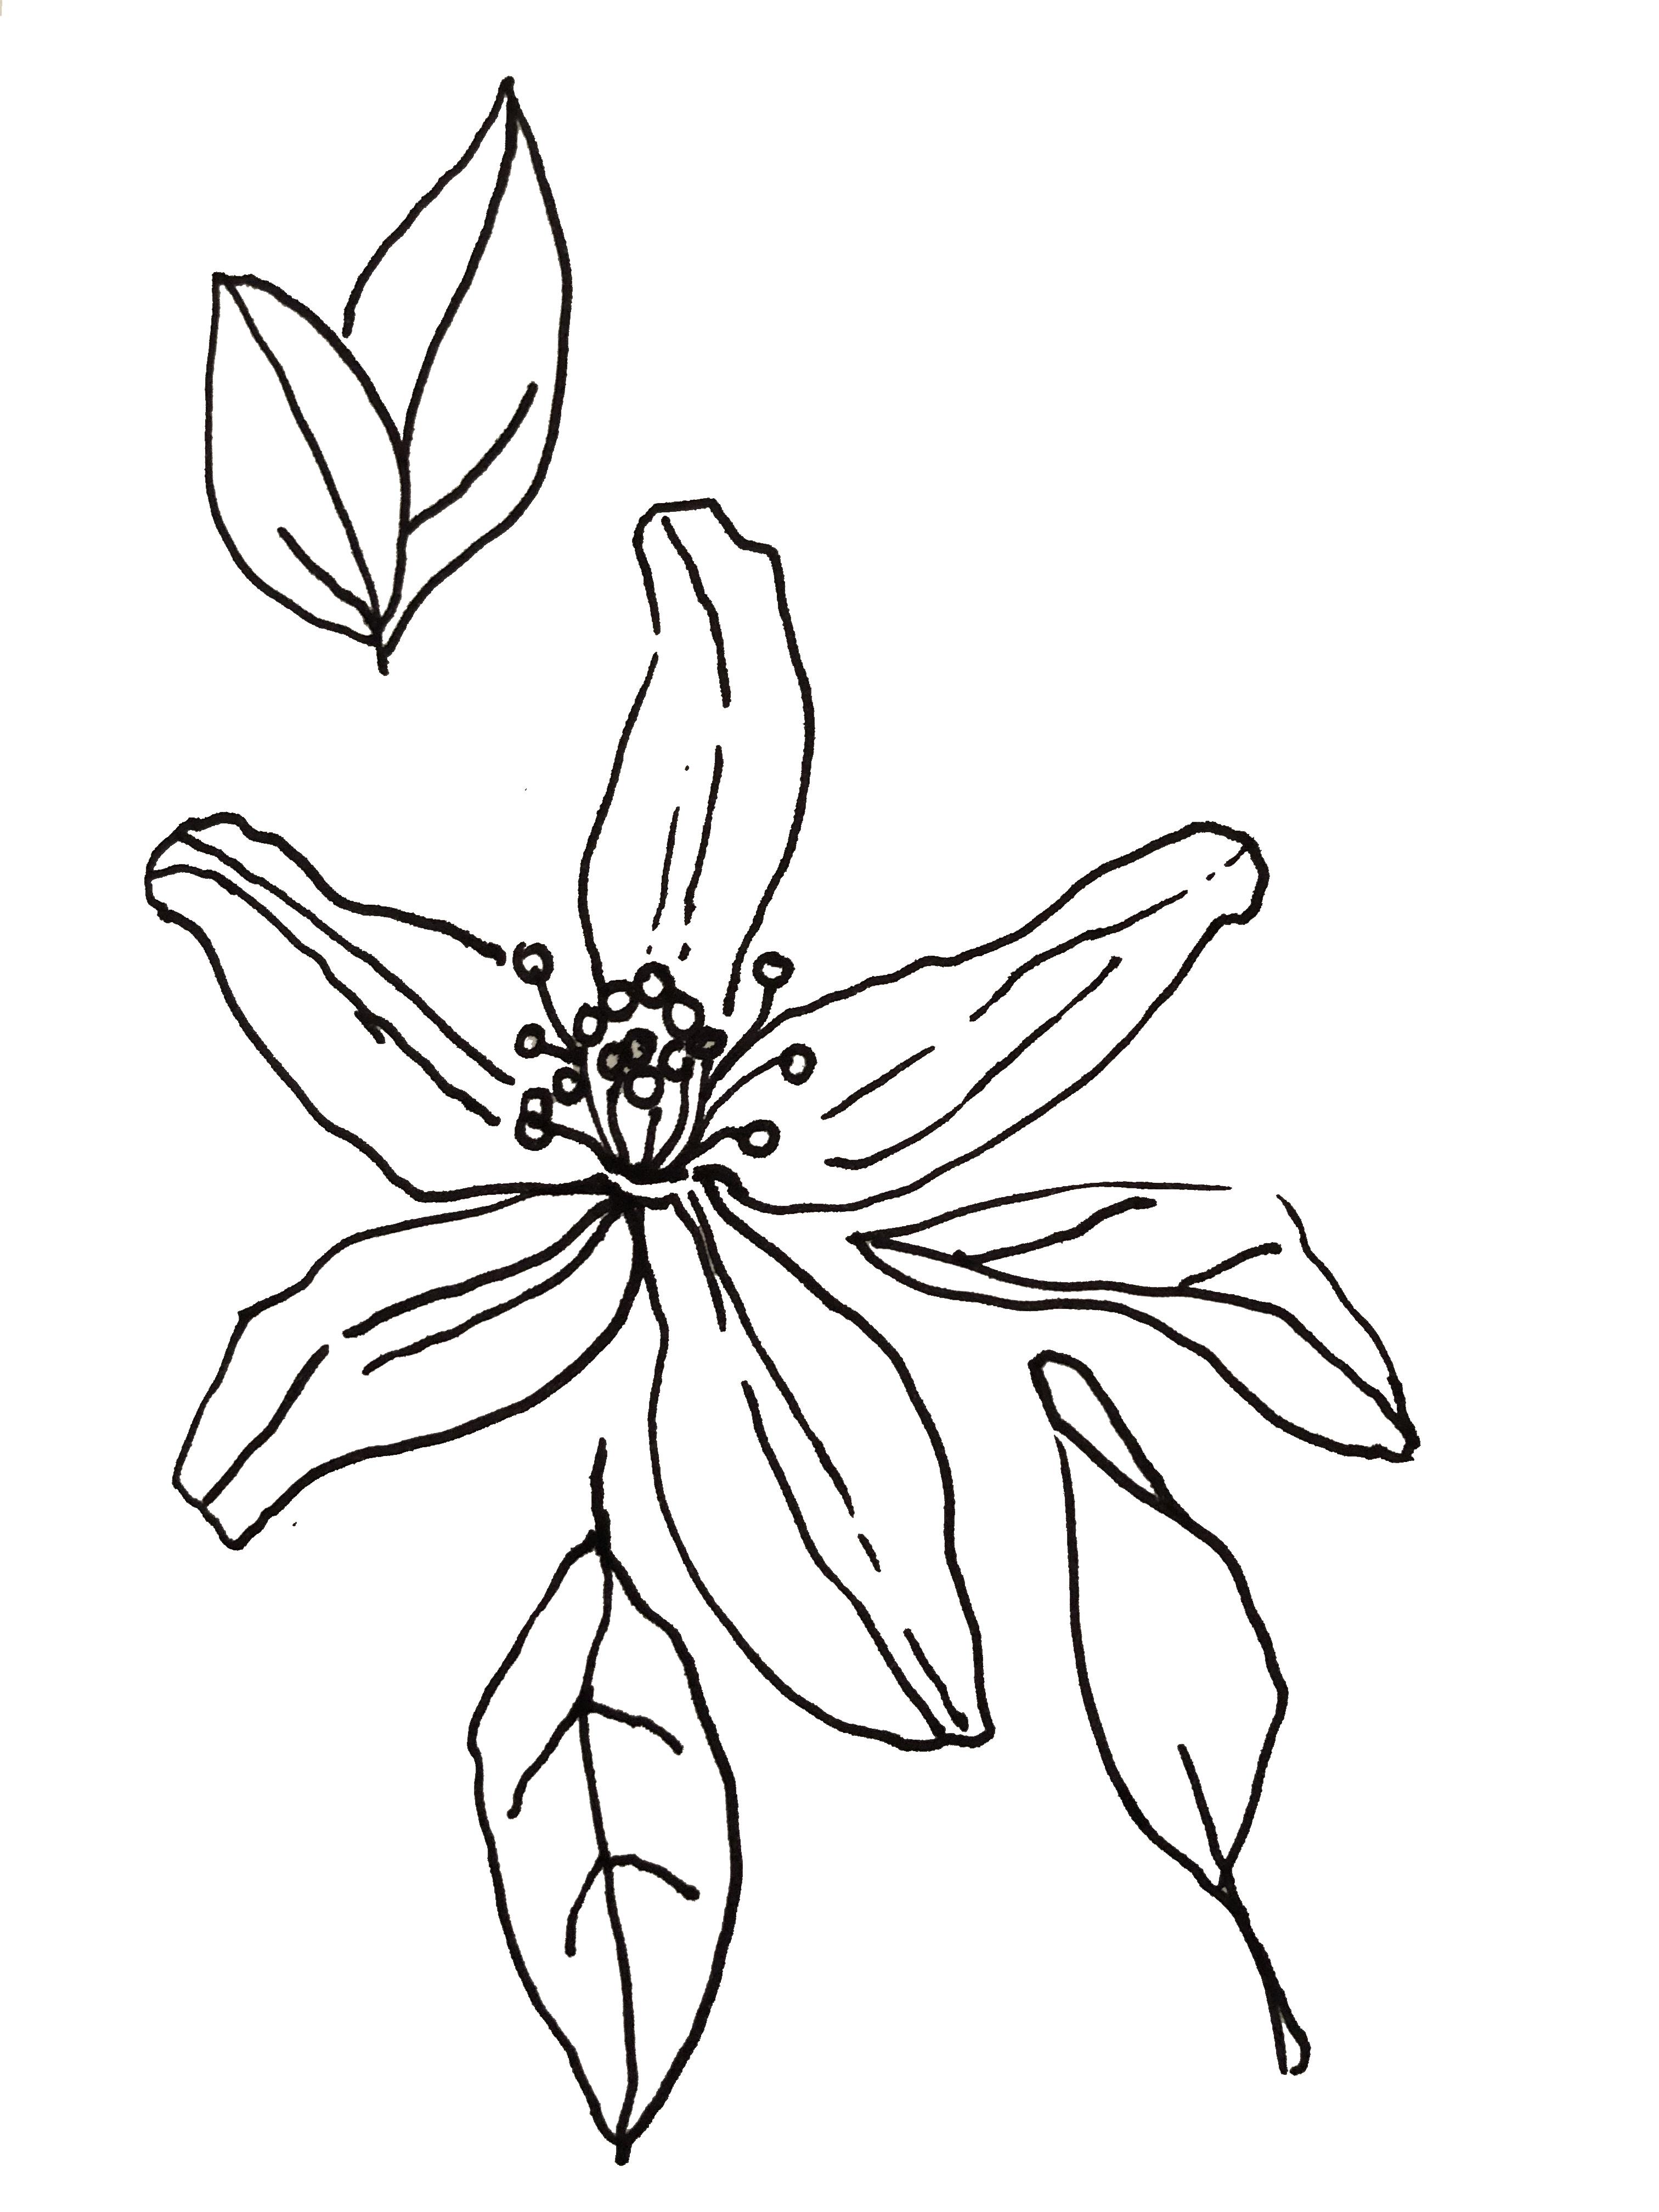 Stoffmuster: Originale Zeichnung